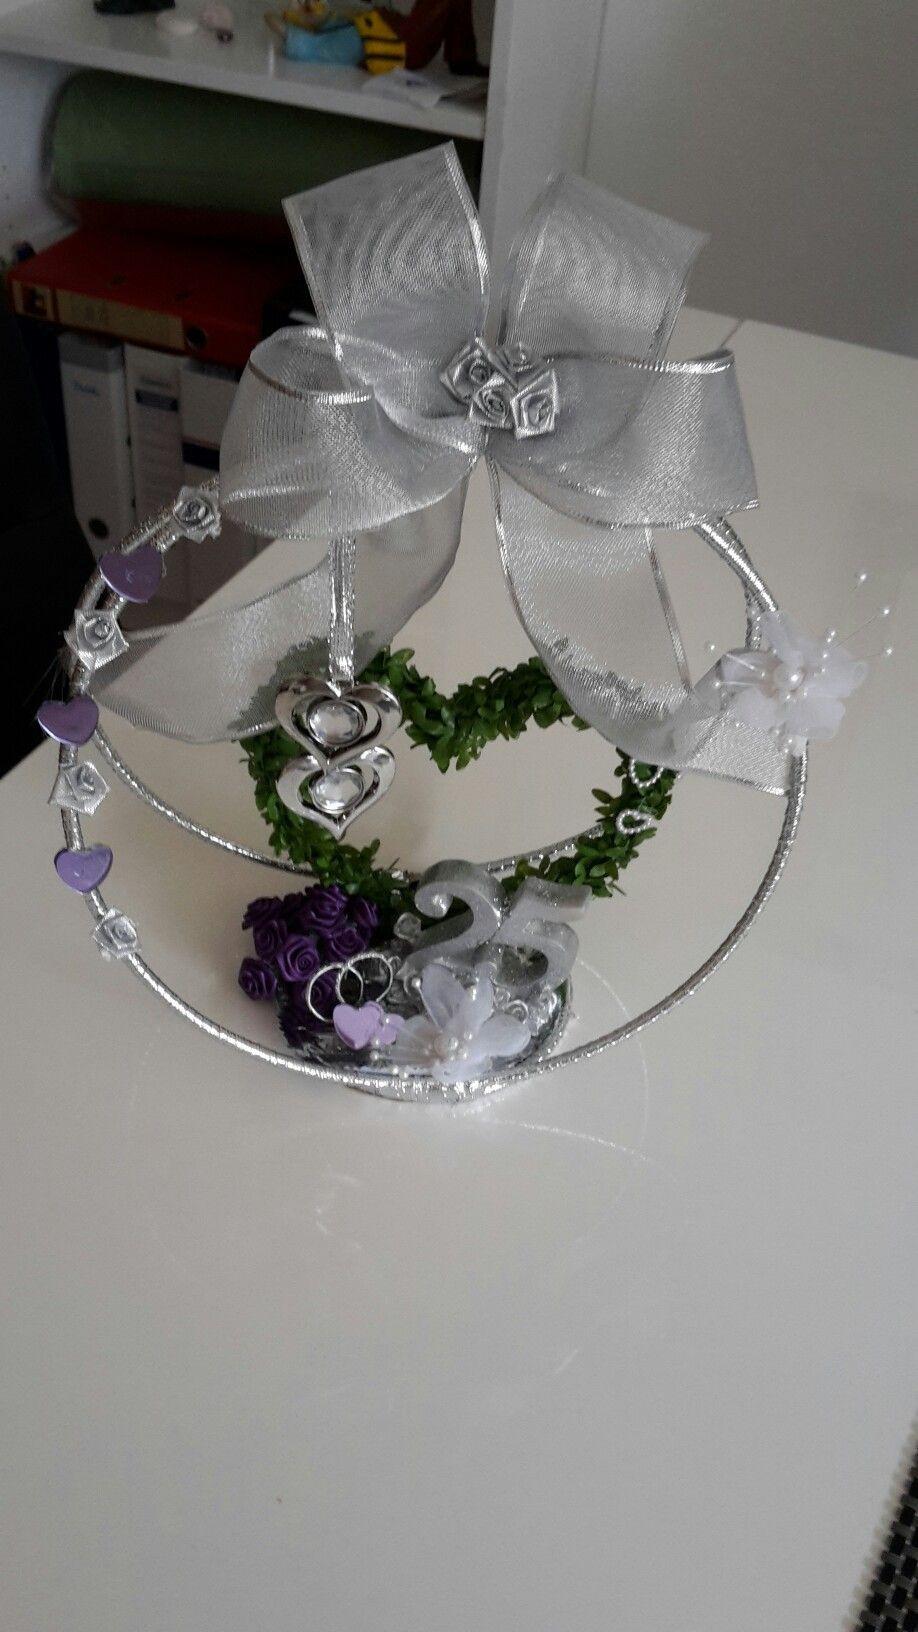 Geschenke Silberhochzeit  Geschenk zur Silberhochzeit Krone selbst gebastelt